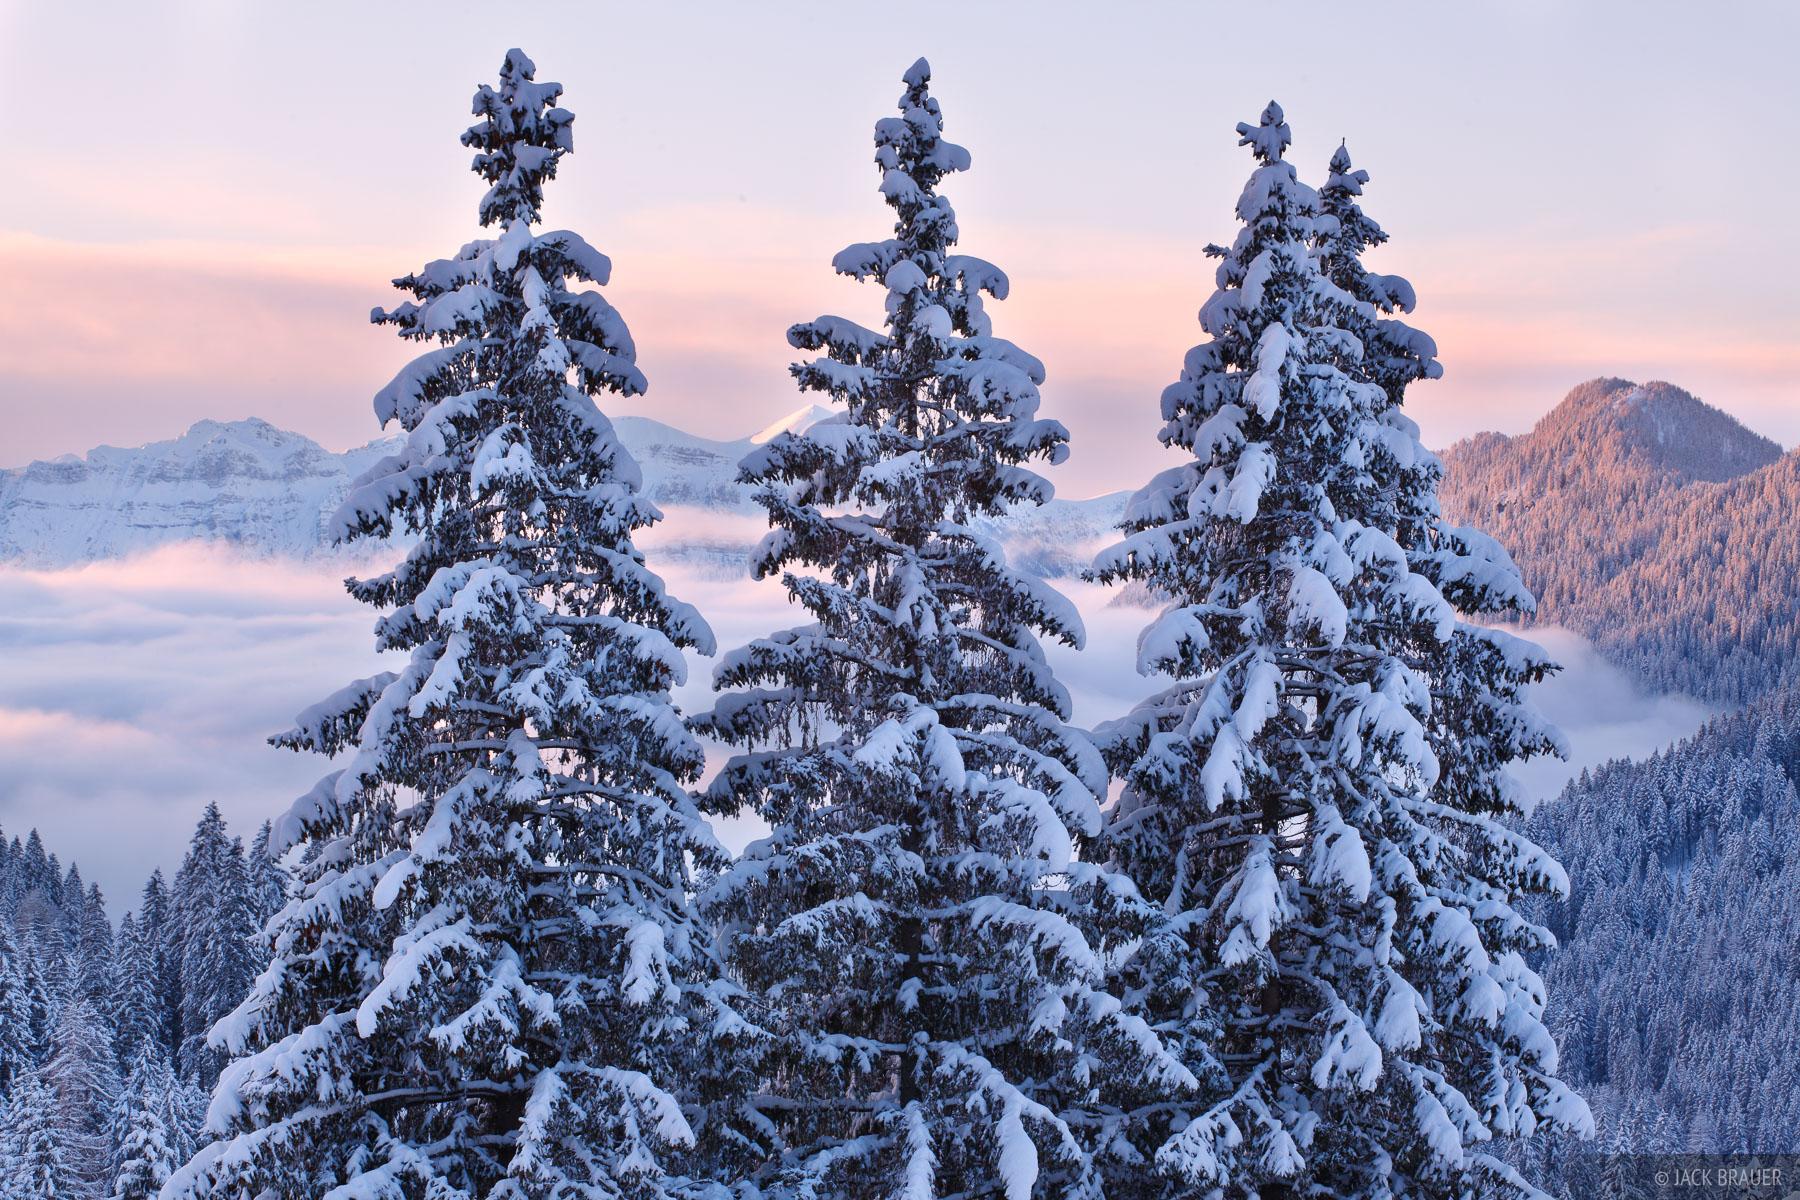 San Martino, Mezzano, snowy, trees, italy, photo